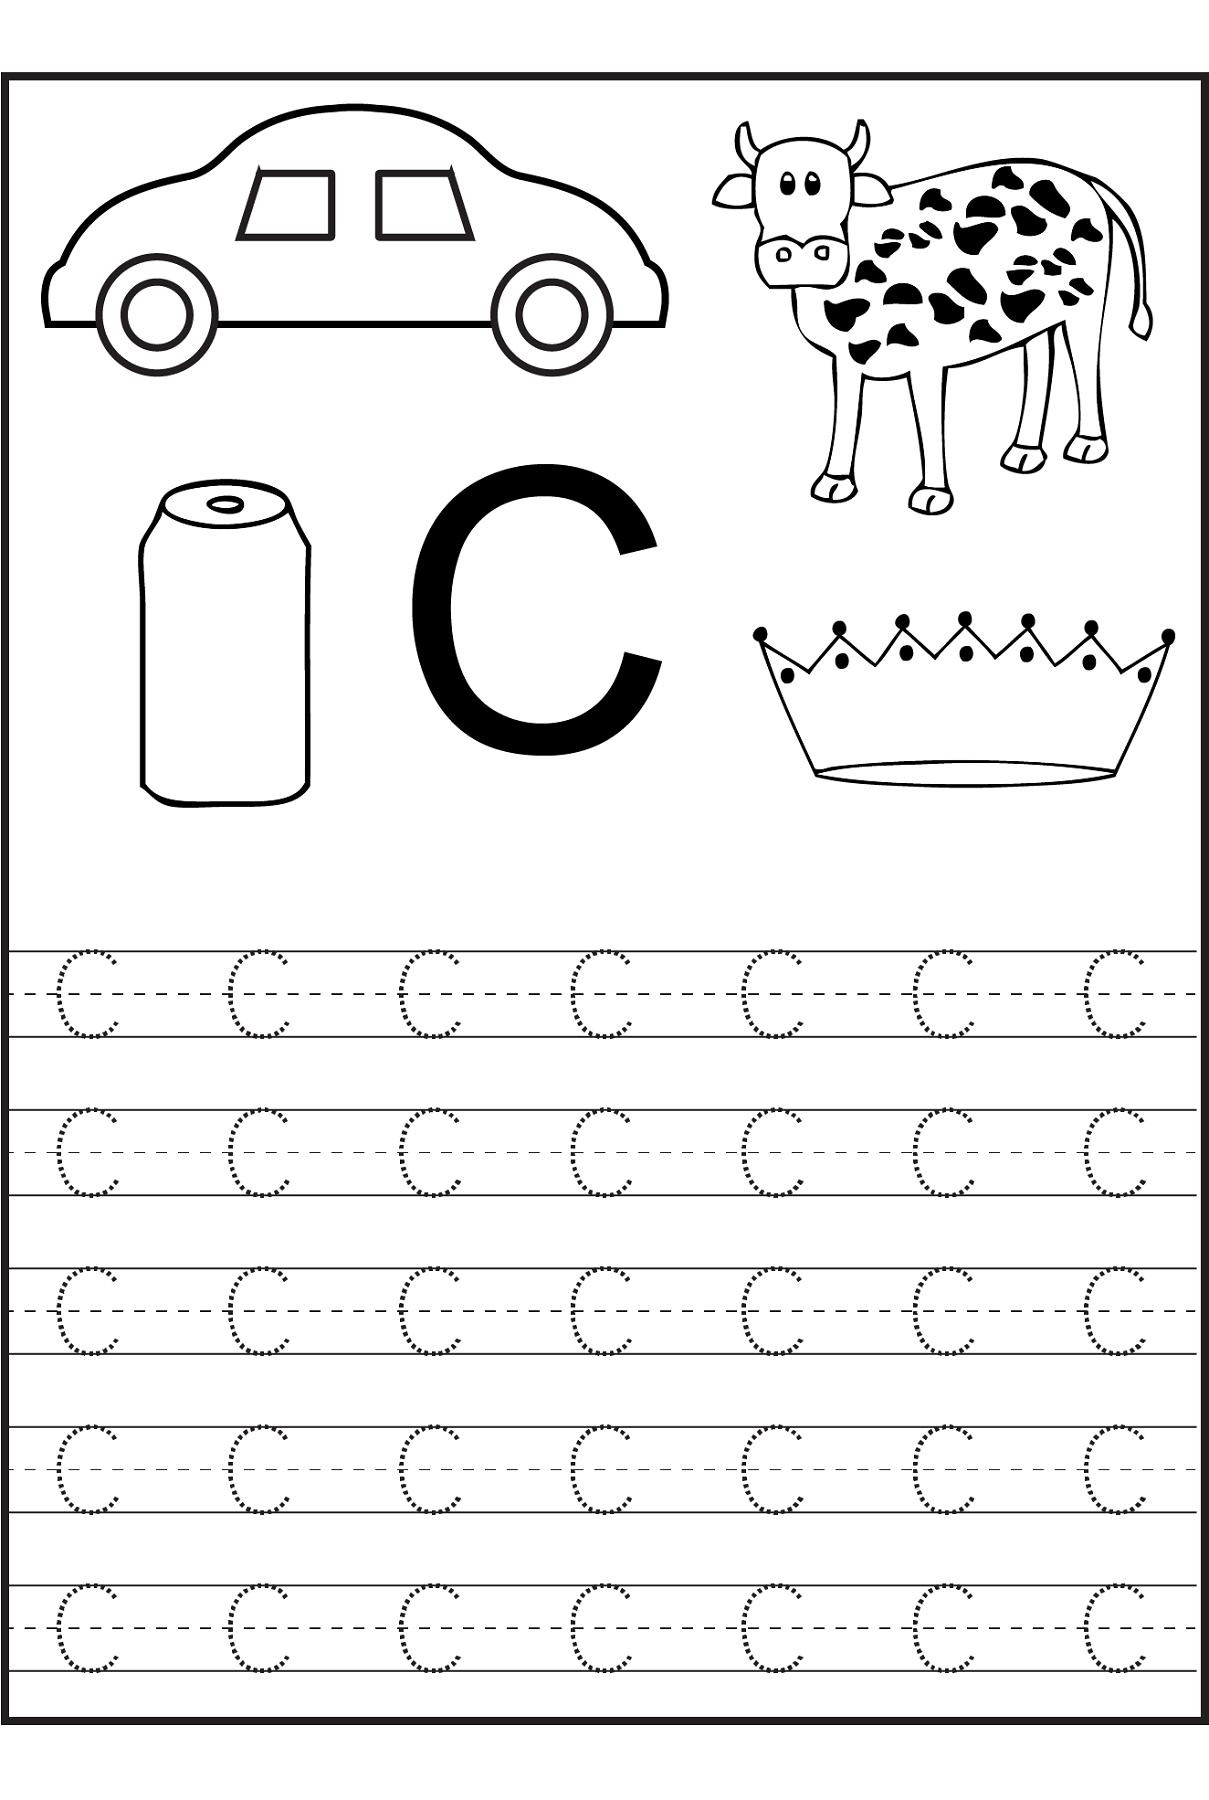 Trace The Letter C Worksheets Preschool Worksheets, Letter C